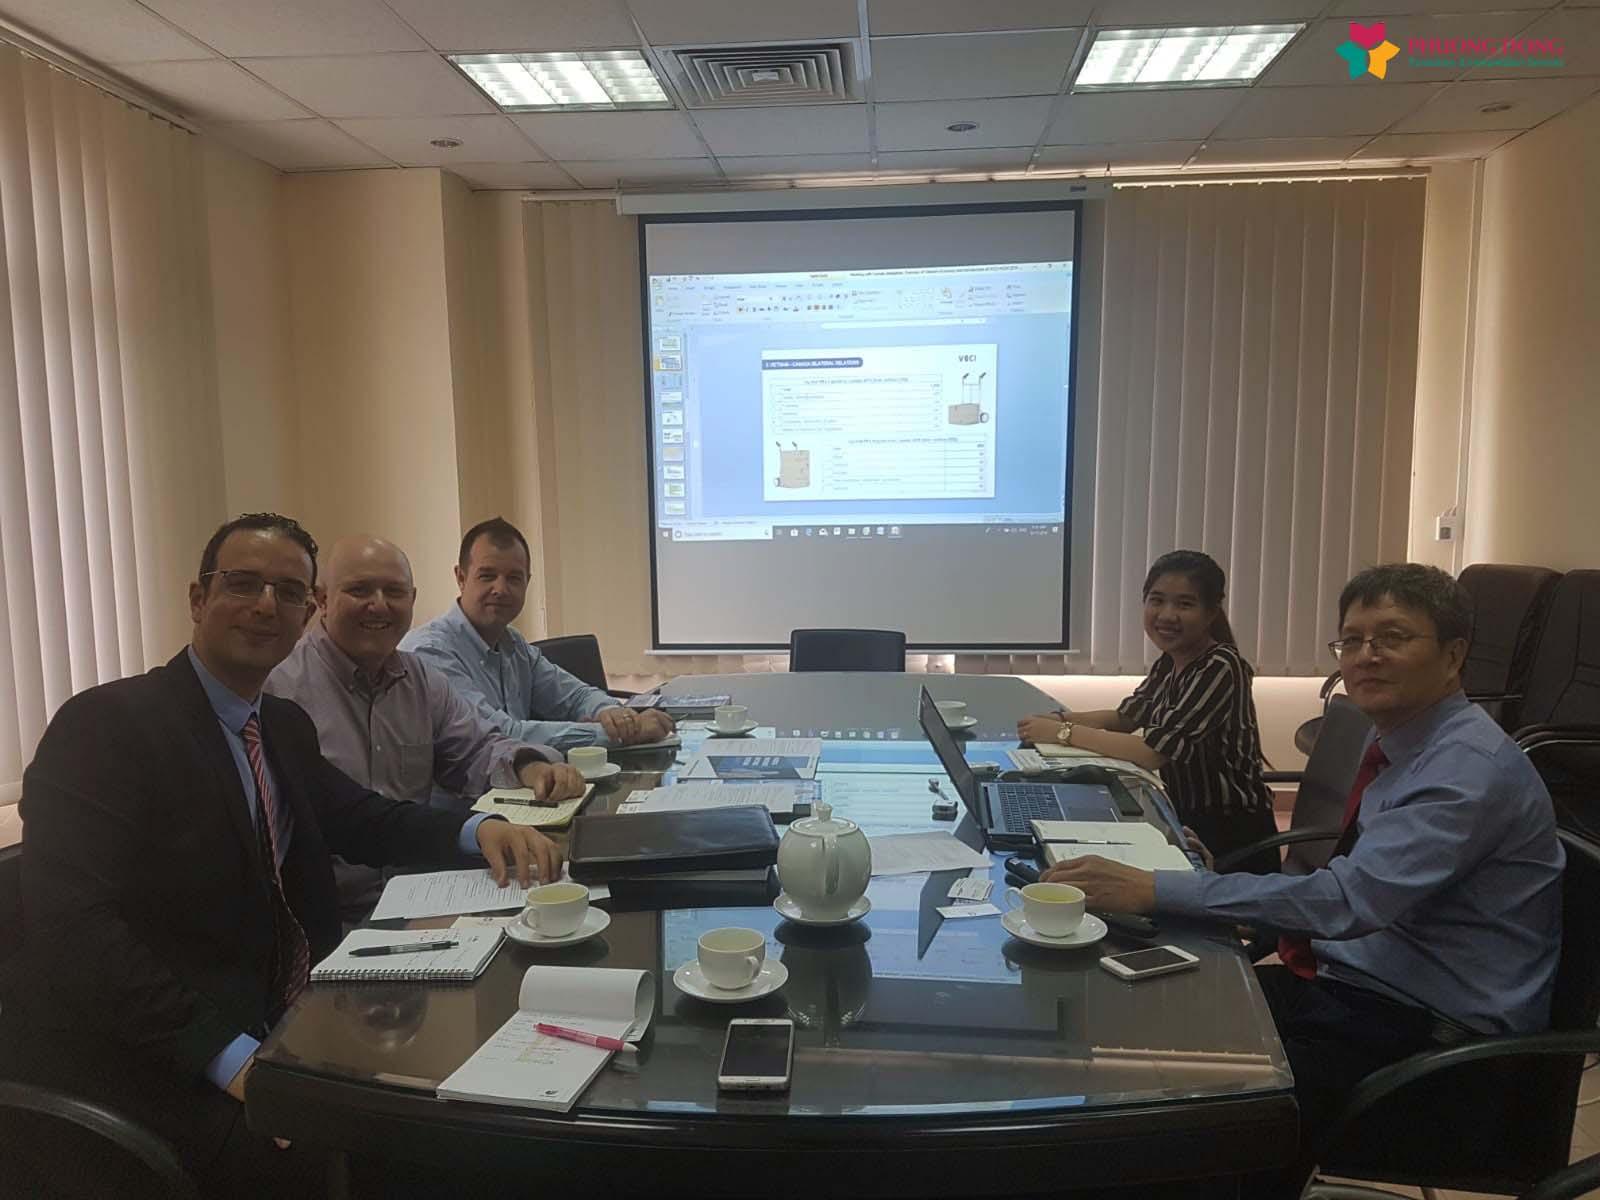 Phiên dịch Anh Việt cho tập đoàn Soucy từ Canada đến nghiên cứu thị trường đầu tư vào Việt Nam